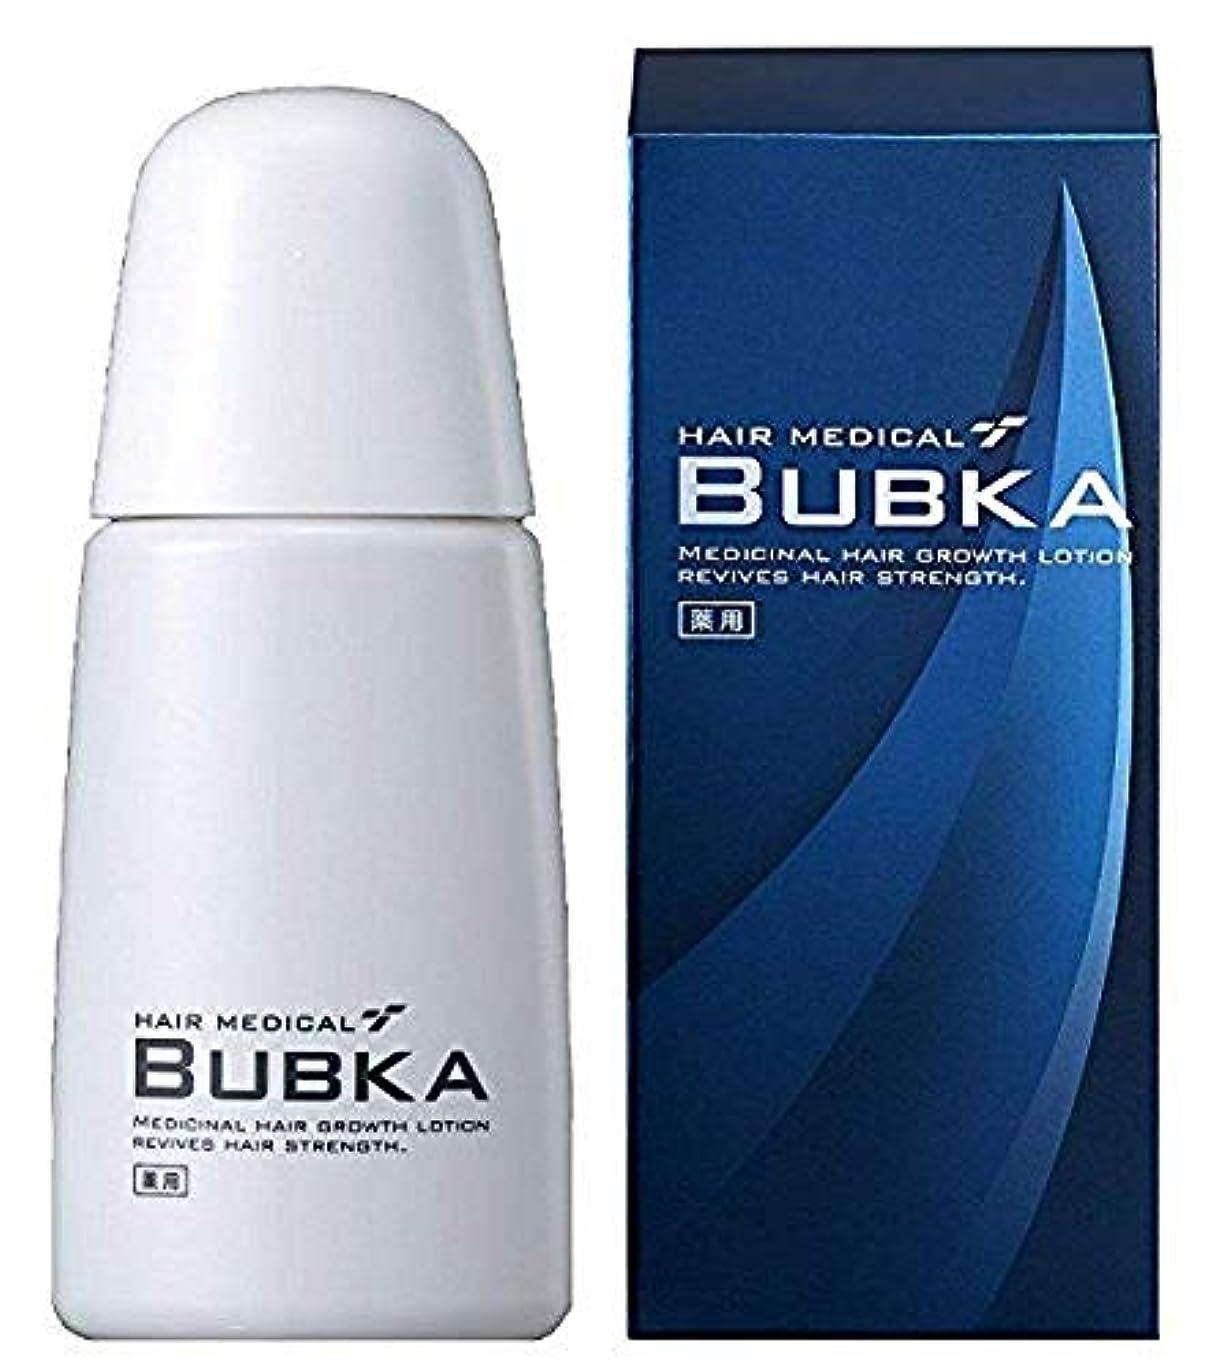 ピニオン可愛い誇り【BUBKA ブブカ 】新型 濃密育毛剤 ブブカ-003M (内容量:120ml 約1ヶ月分)(医薬部外品)